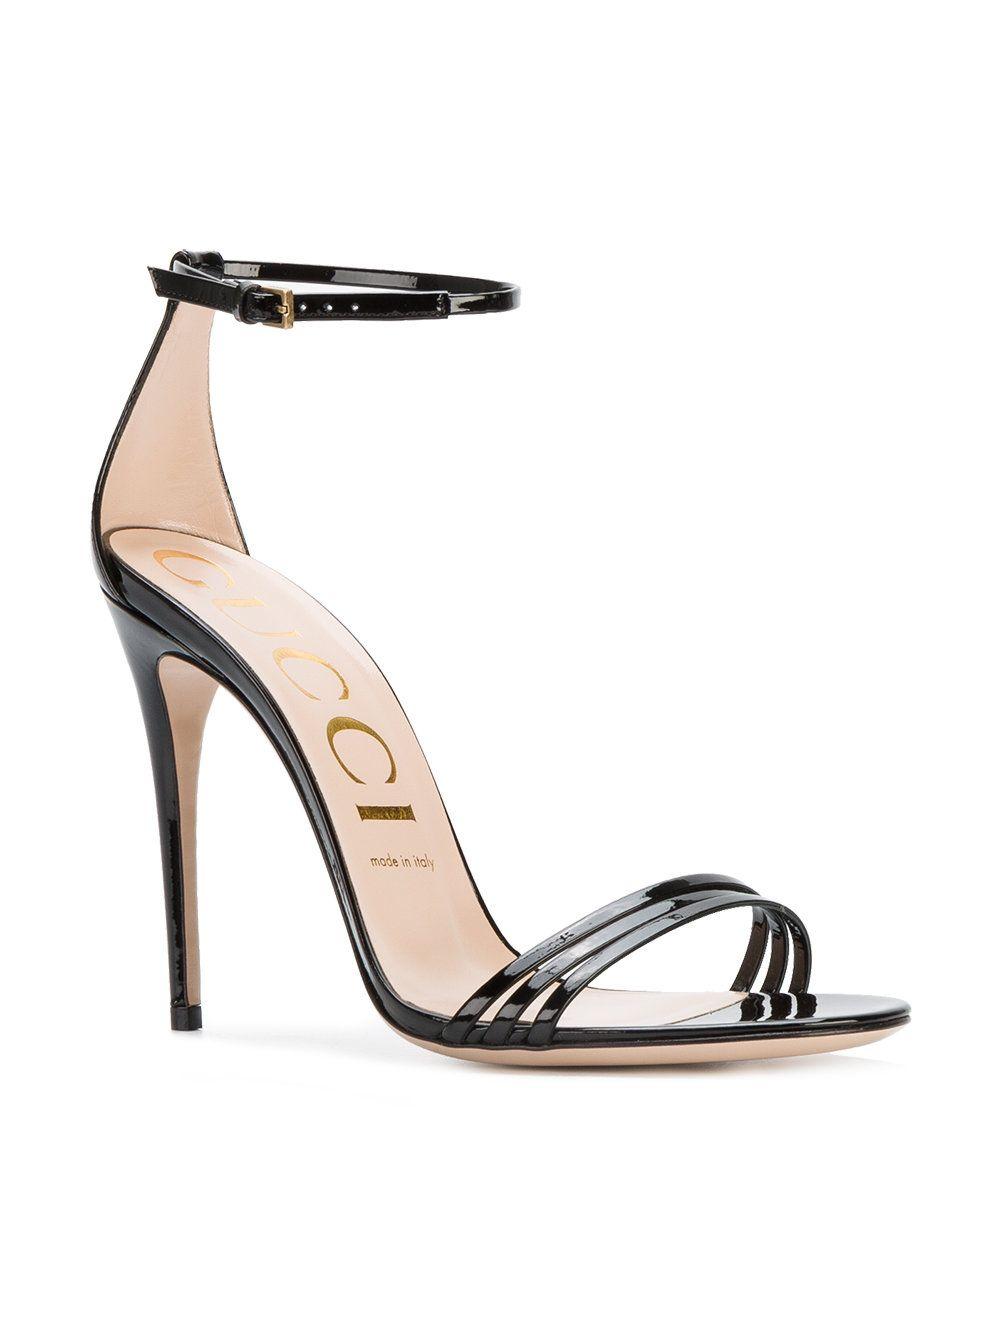 292bbed9c22 Gucci Minimal Stiletto Sandals - Farfetch